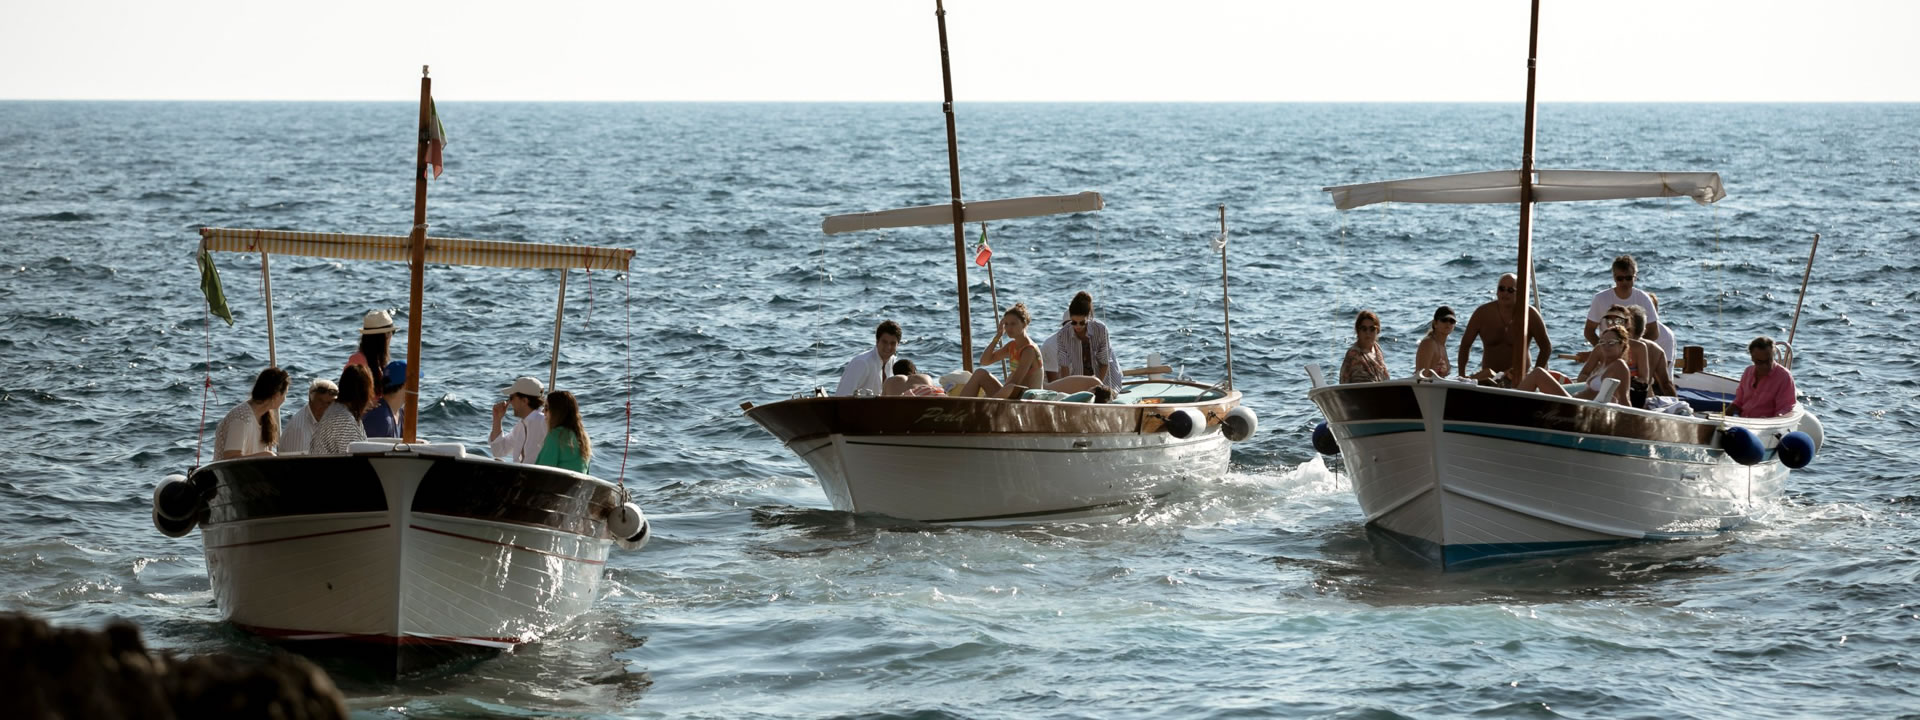 - 14 :: Jewish luxury wedding weekend in Capri :: Luxury wedding photography - 13 ::  - 14